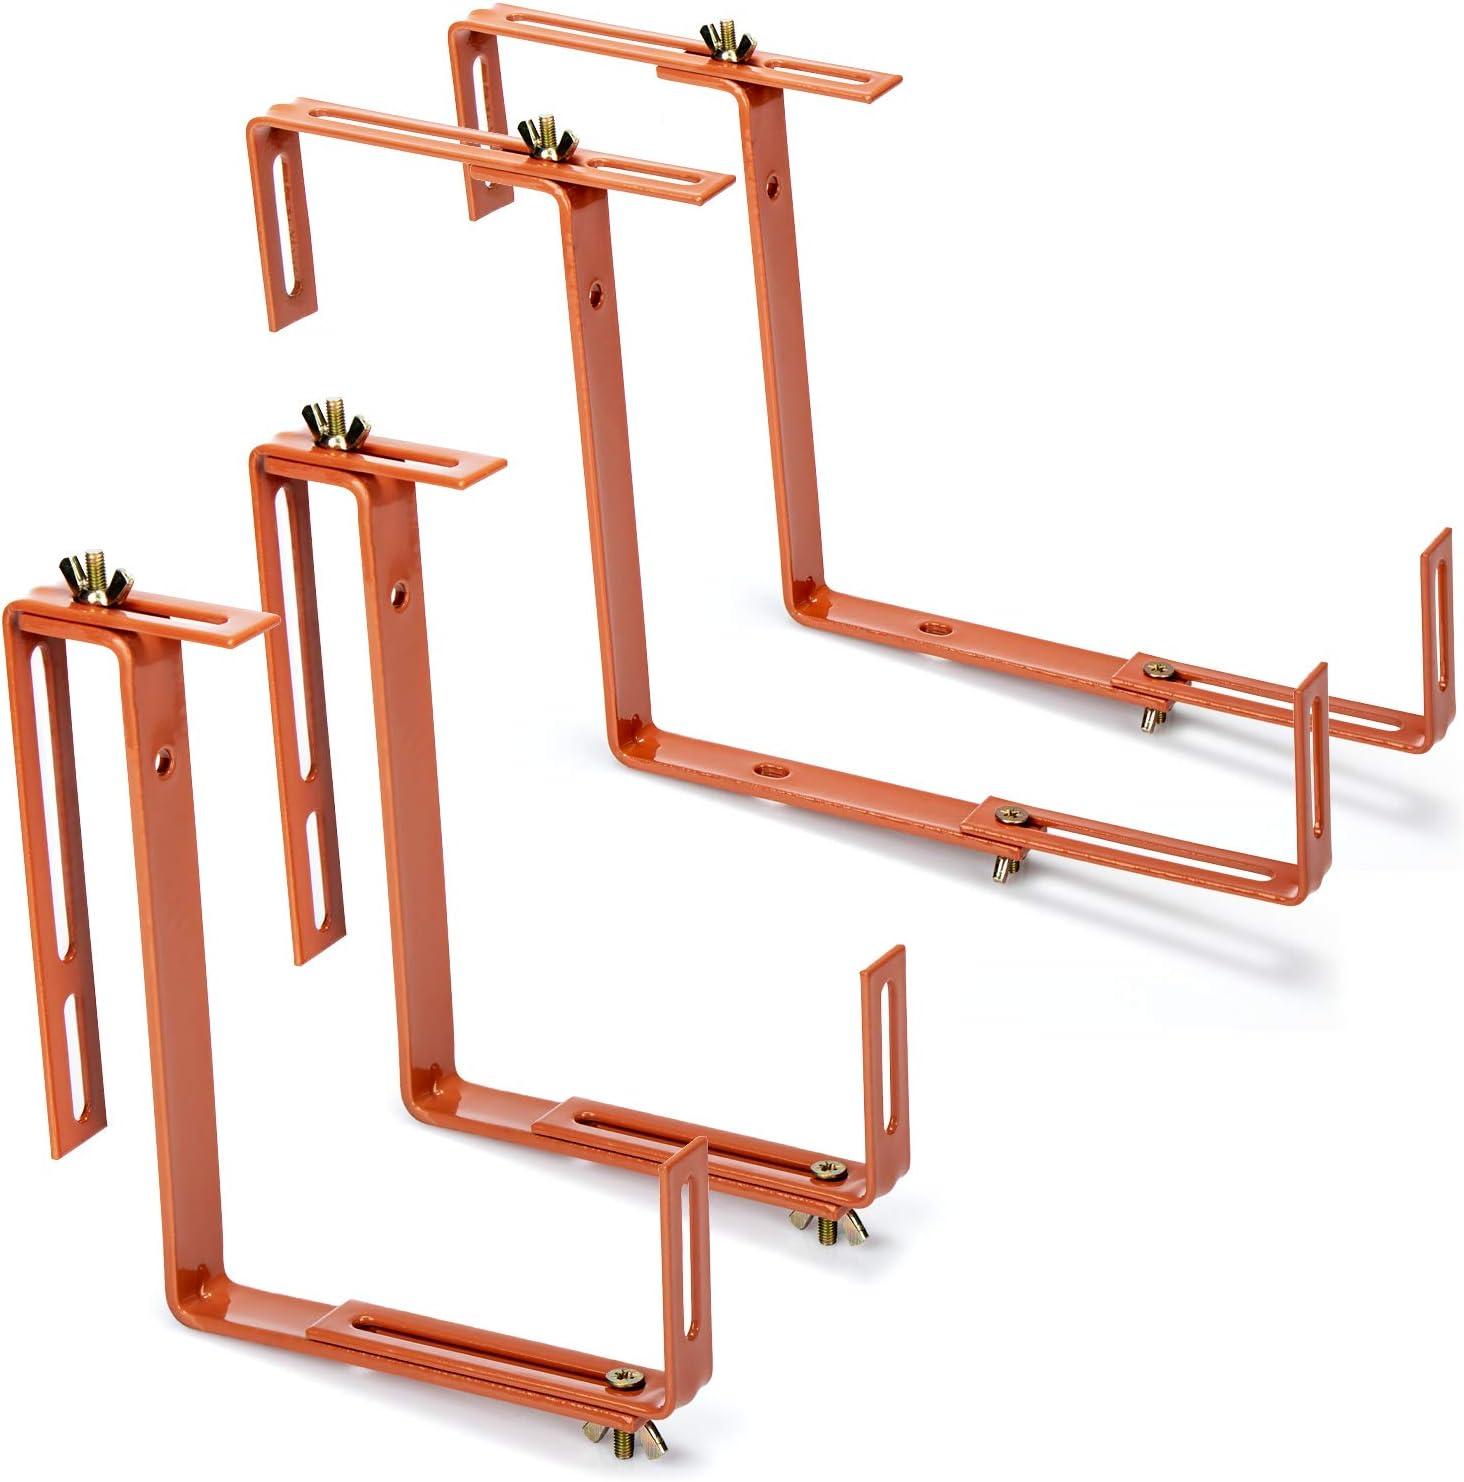 com-four® 4X Soporte de Maceteros para Parapetos y Barandas de Balcón - Soporte de Jardineras Universalmente Adecuado y Ajustable - Sin Perforar (4 Piezas - marrón Claro)